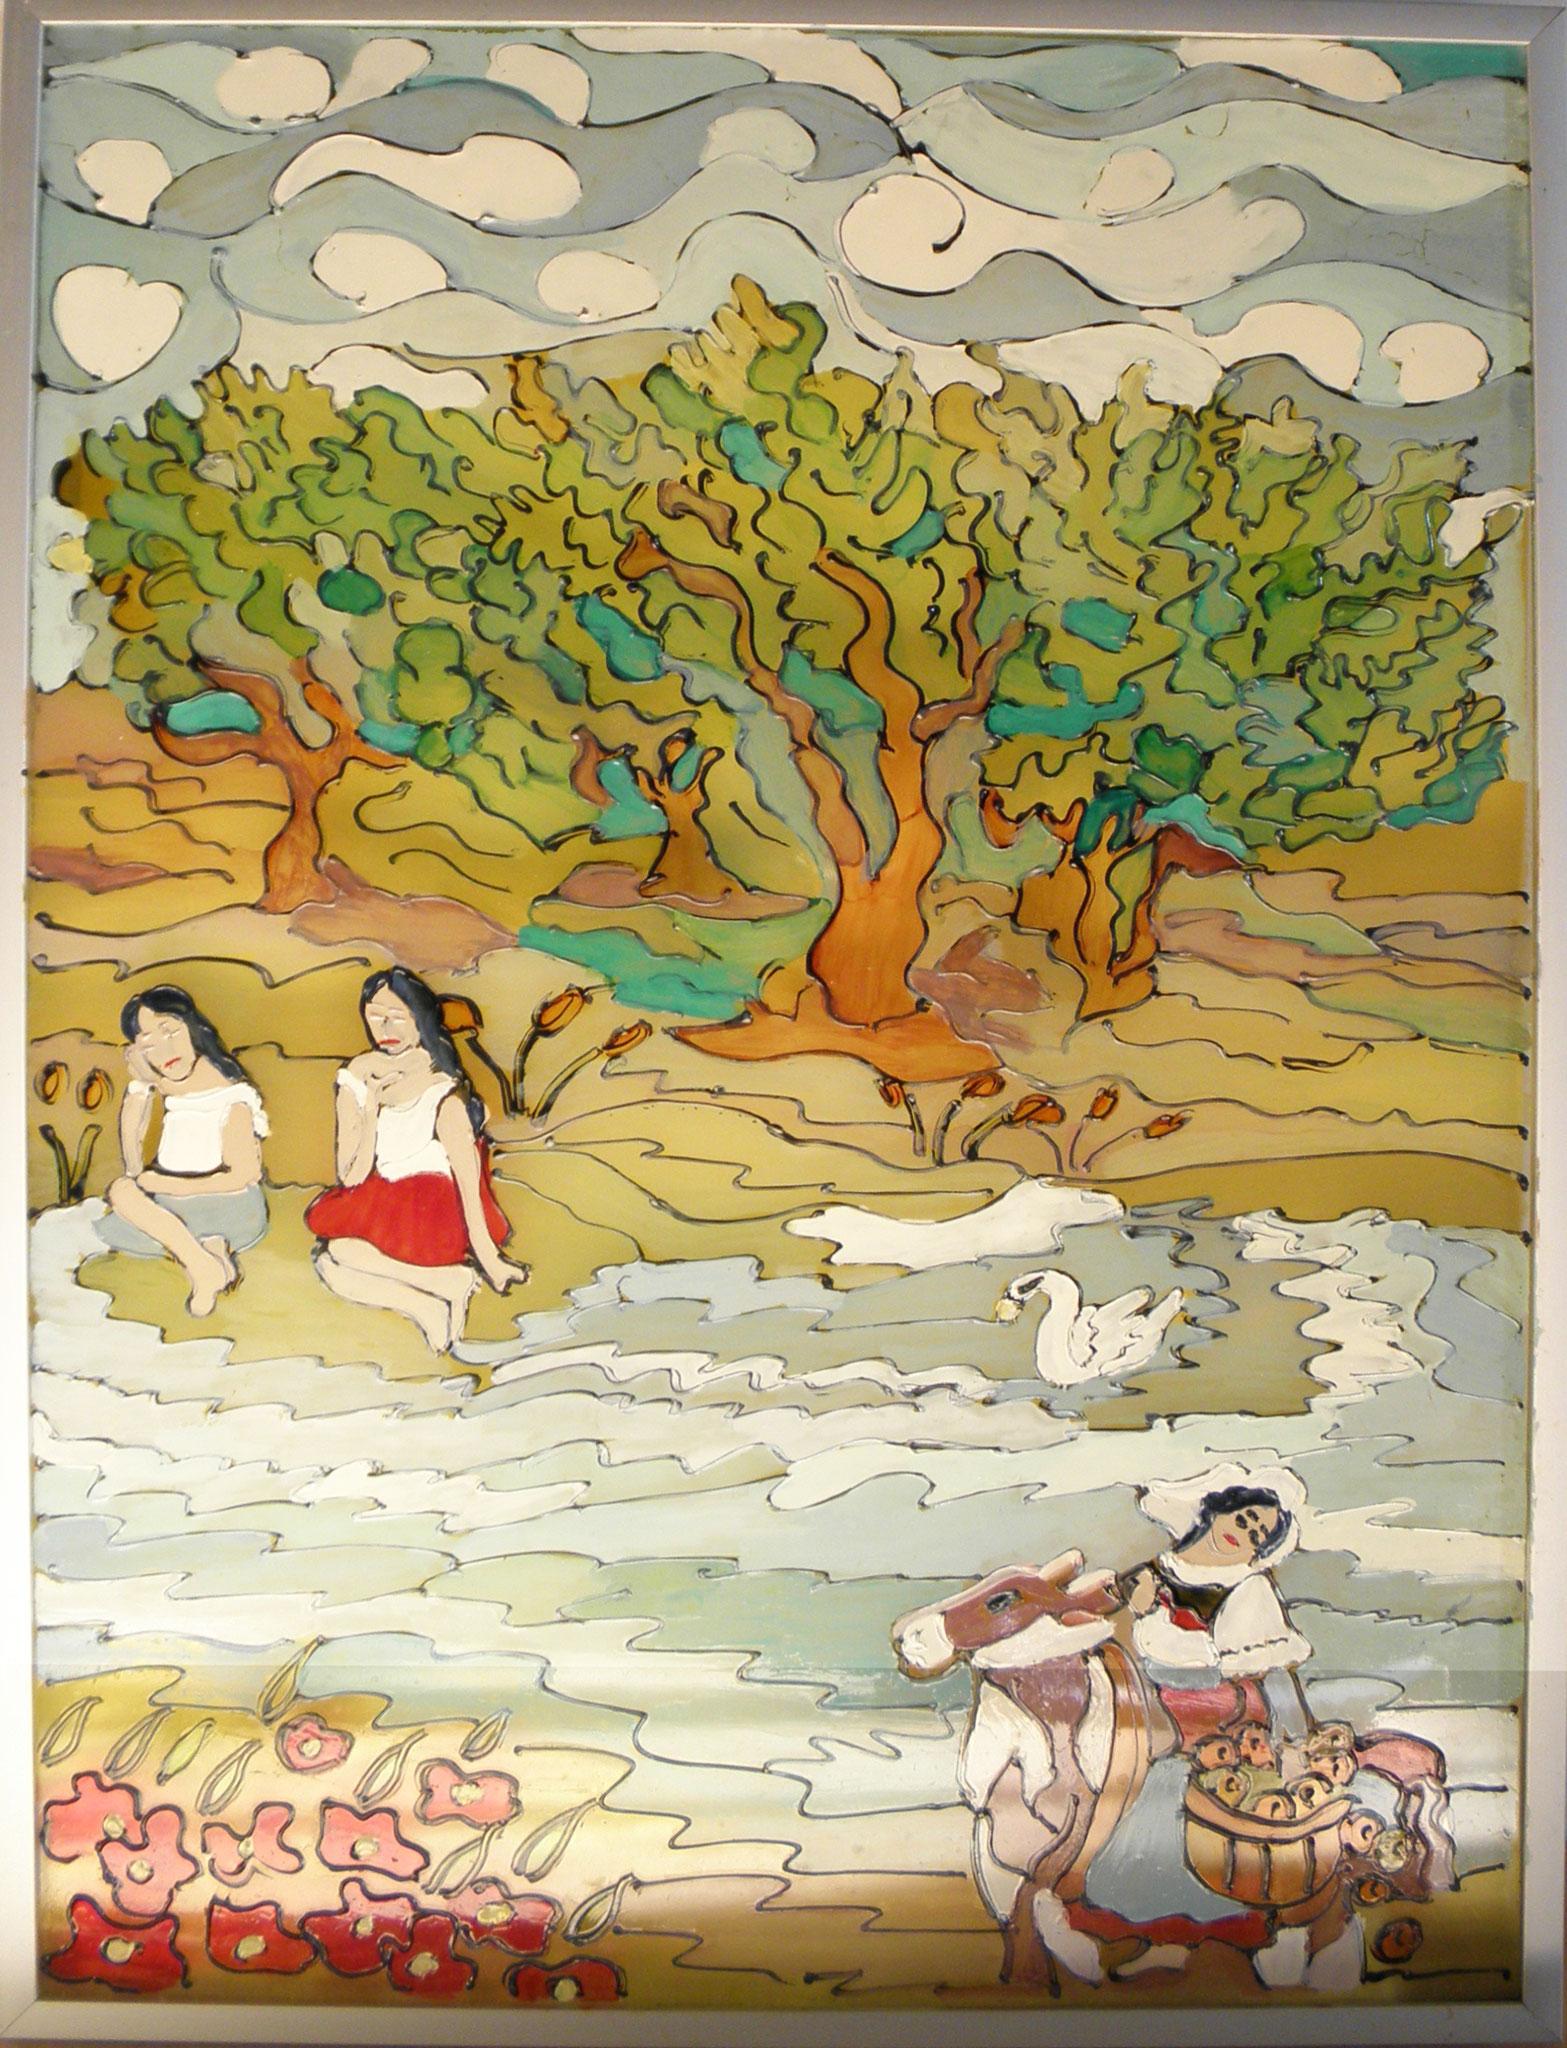 Opera n.15 - Pittura acrilico su vetro, cornice in legno - cm 41x31